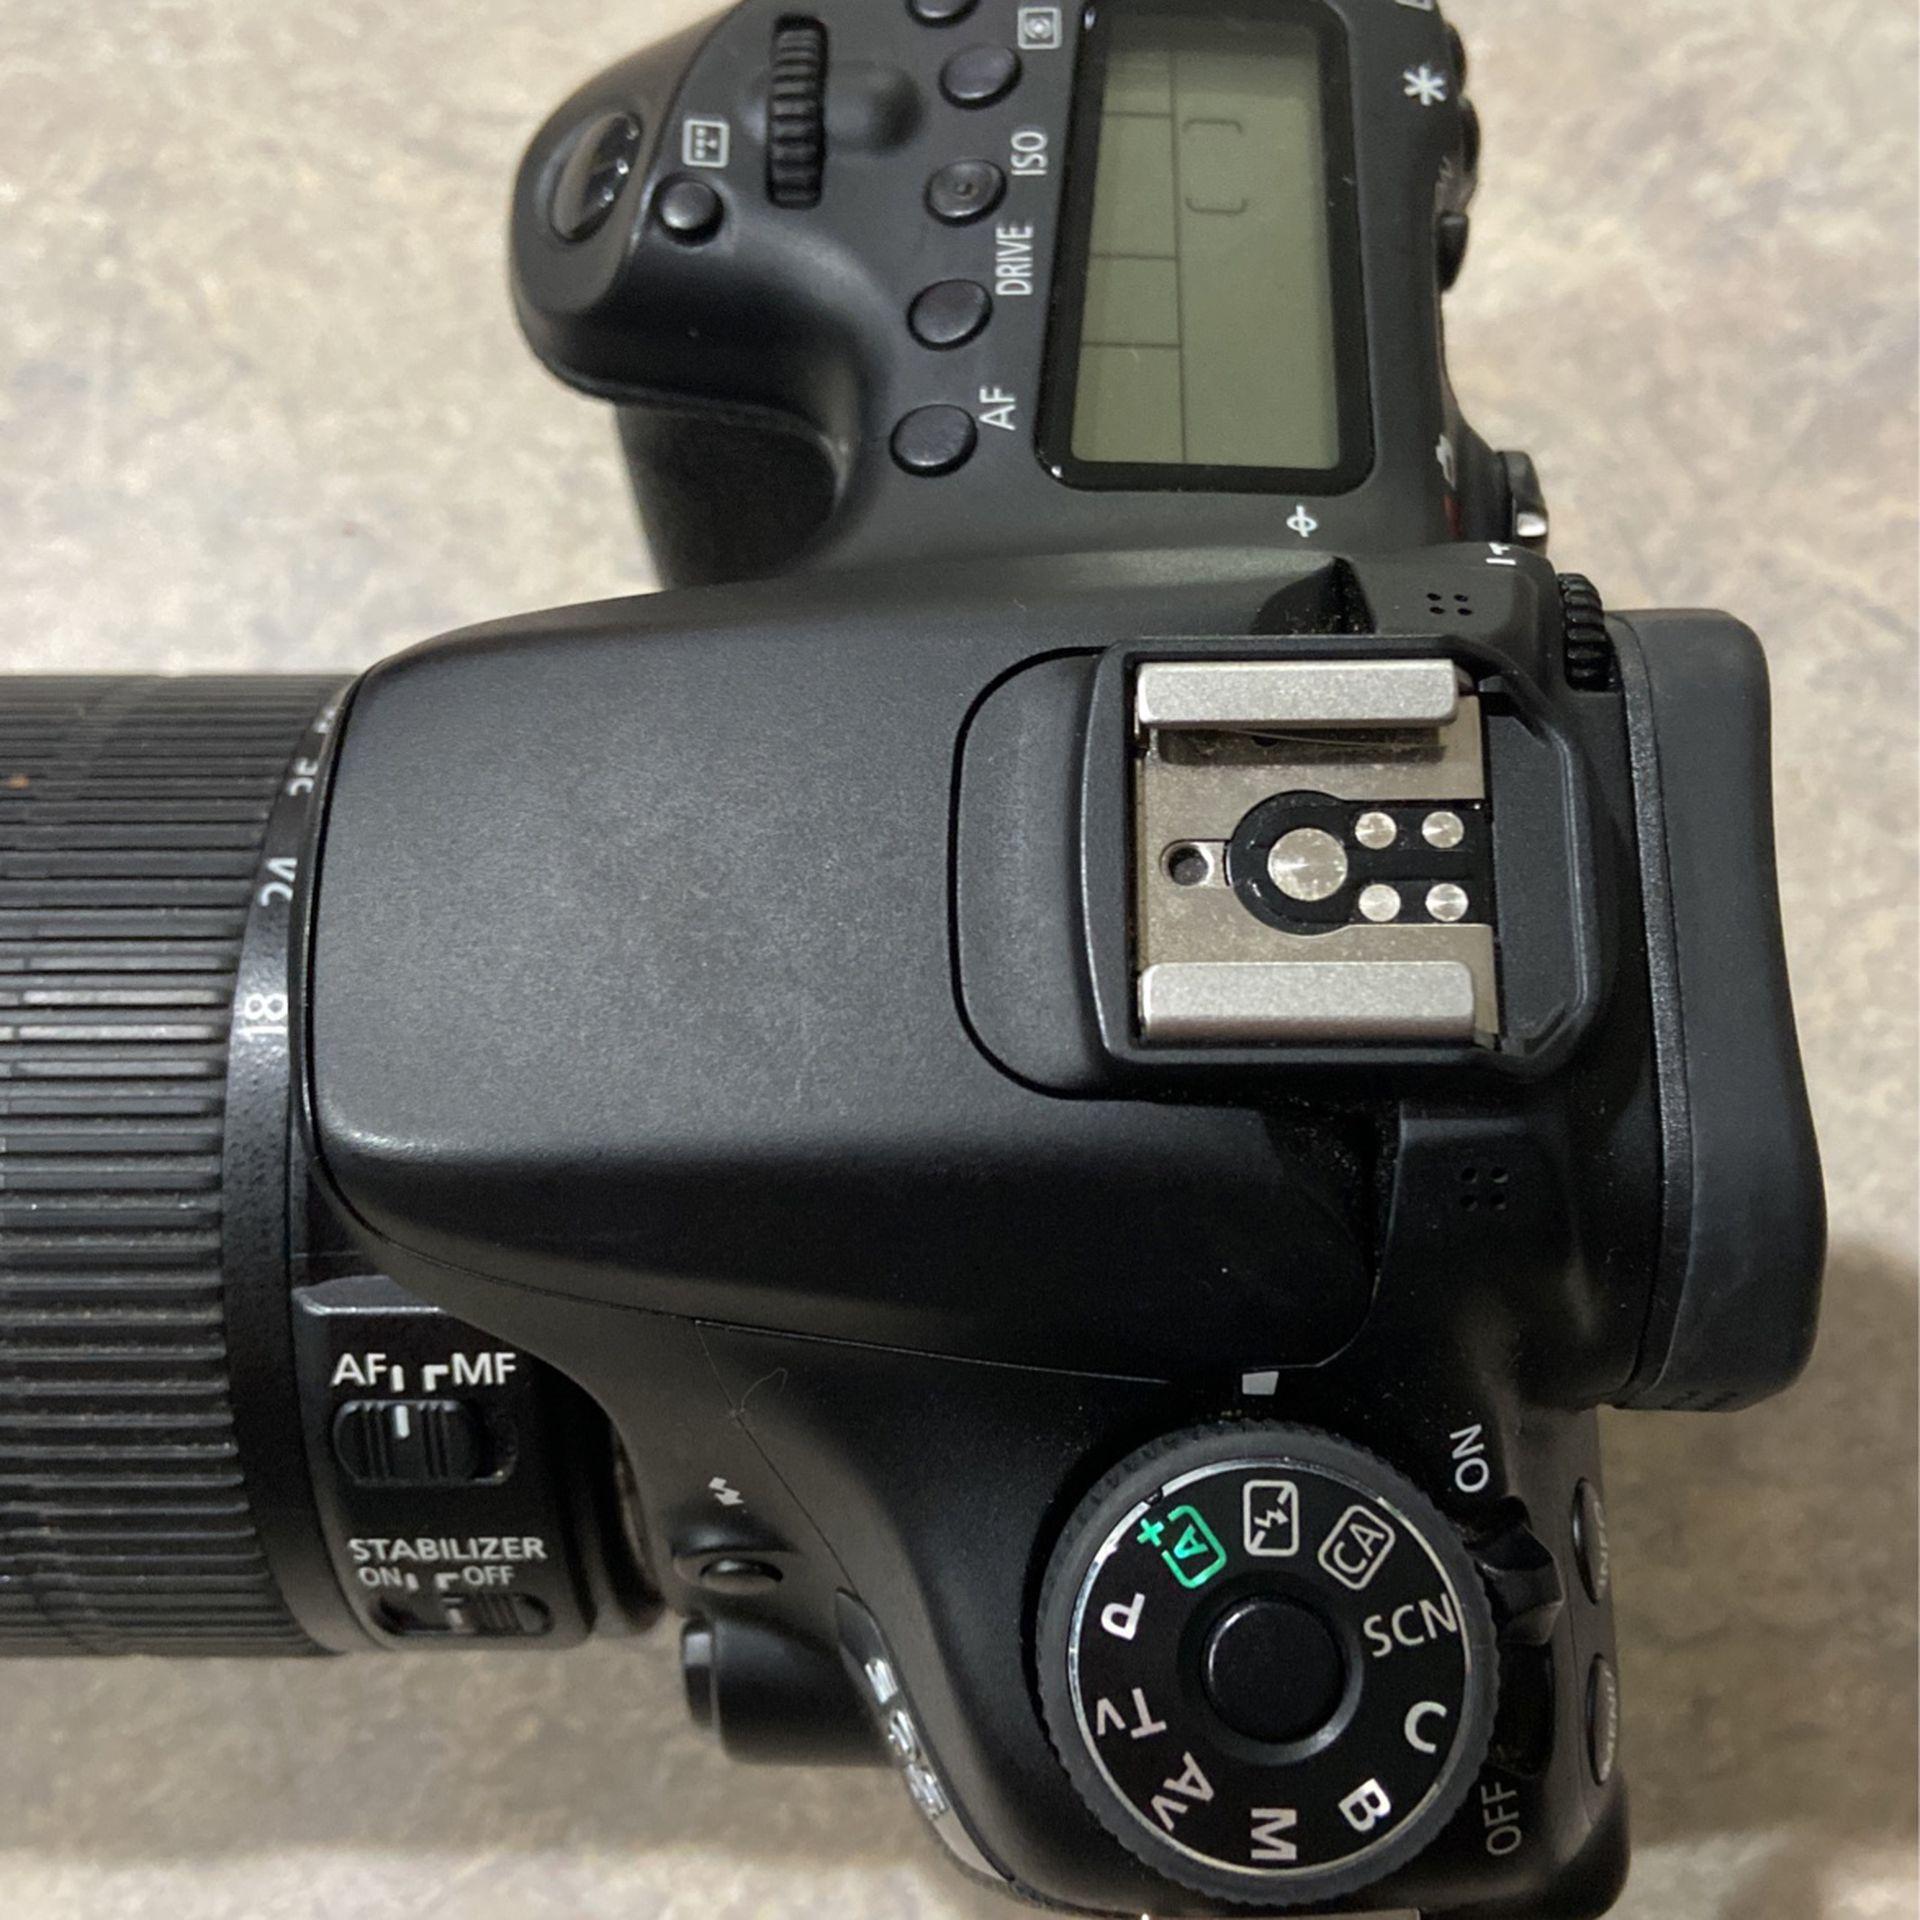 Canon EOS 70D DSLR 18-135mm lense